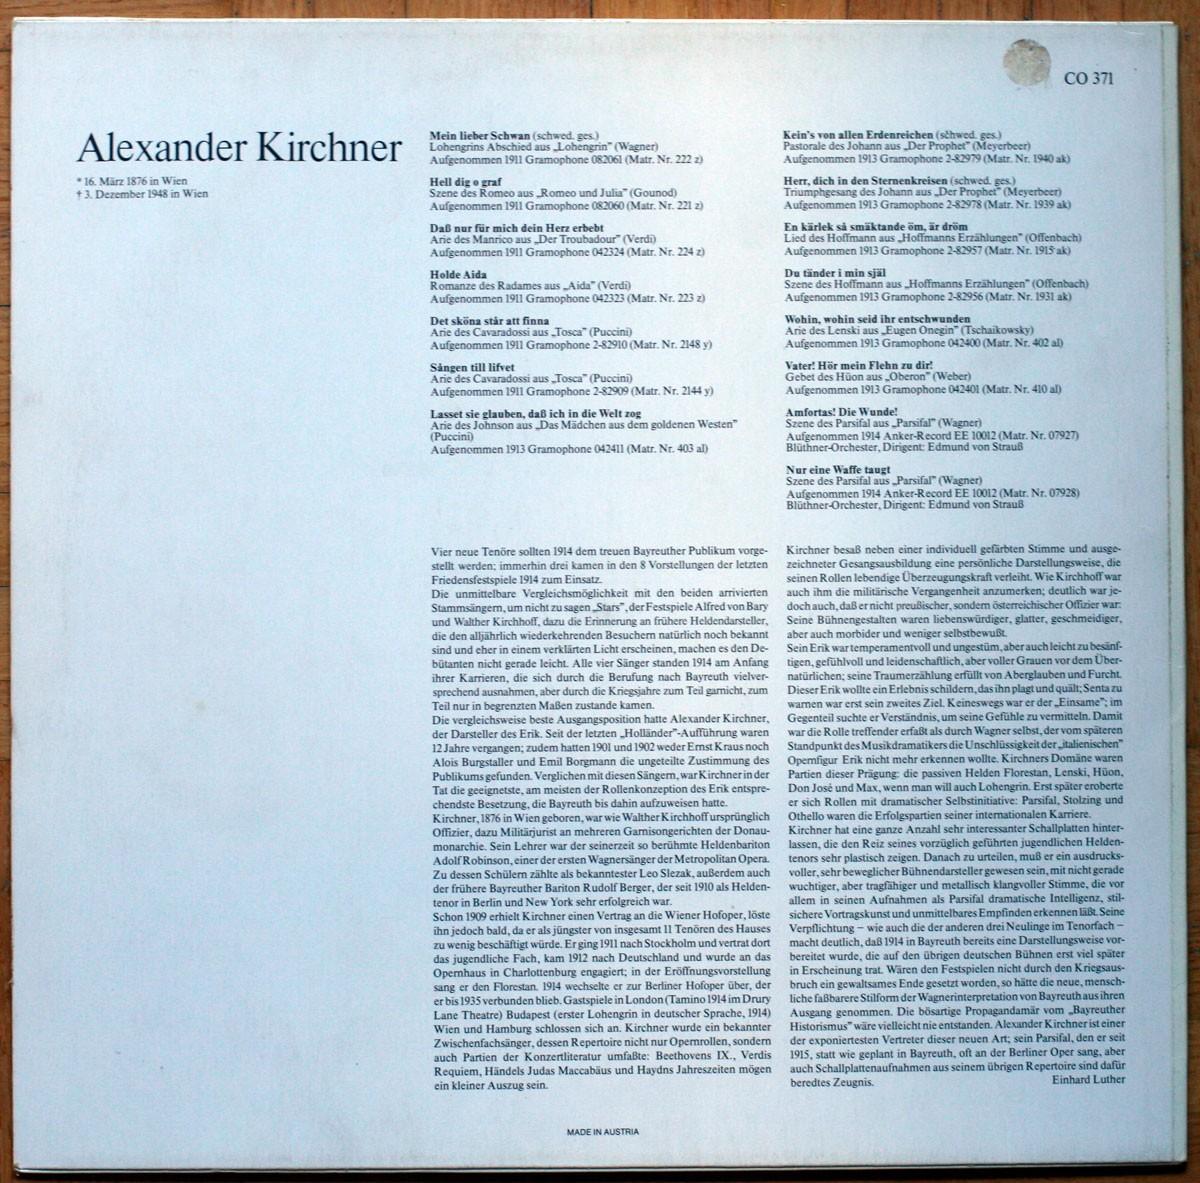 Alexander Kirchner Wagner Gounod Verdi Puccini Meyerbeer Offenbach Tchaikovsky Weber